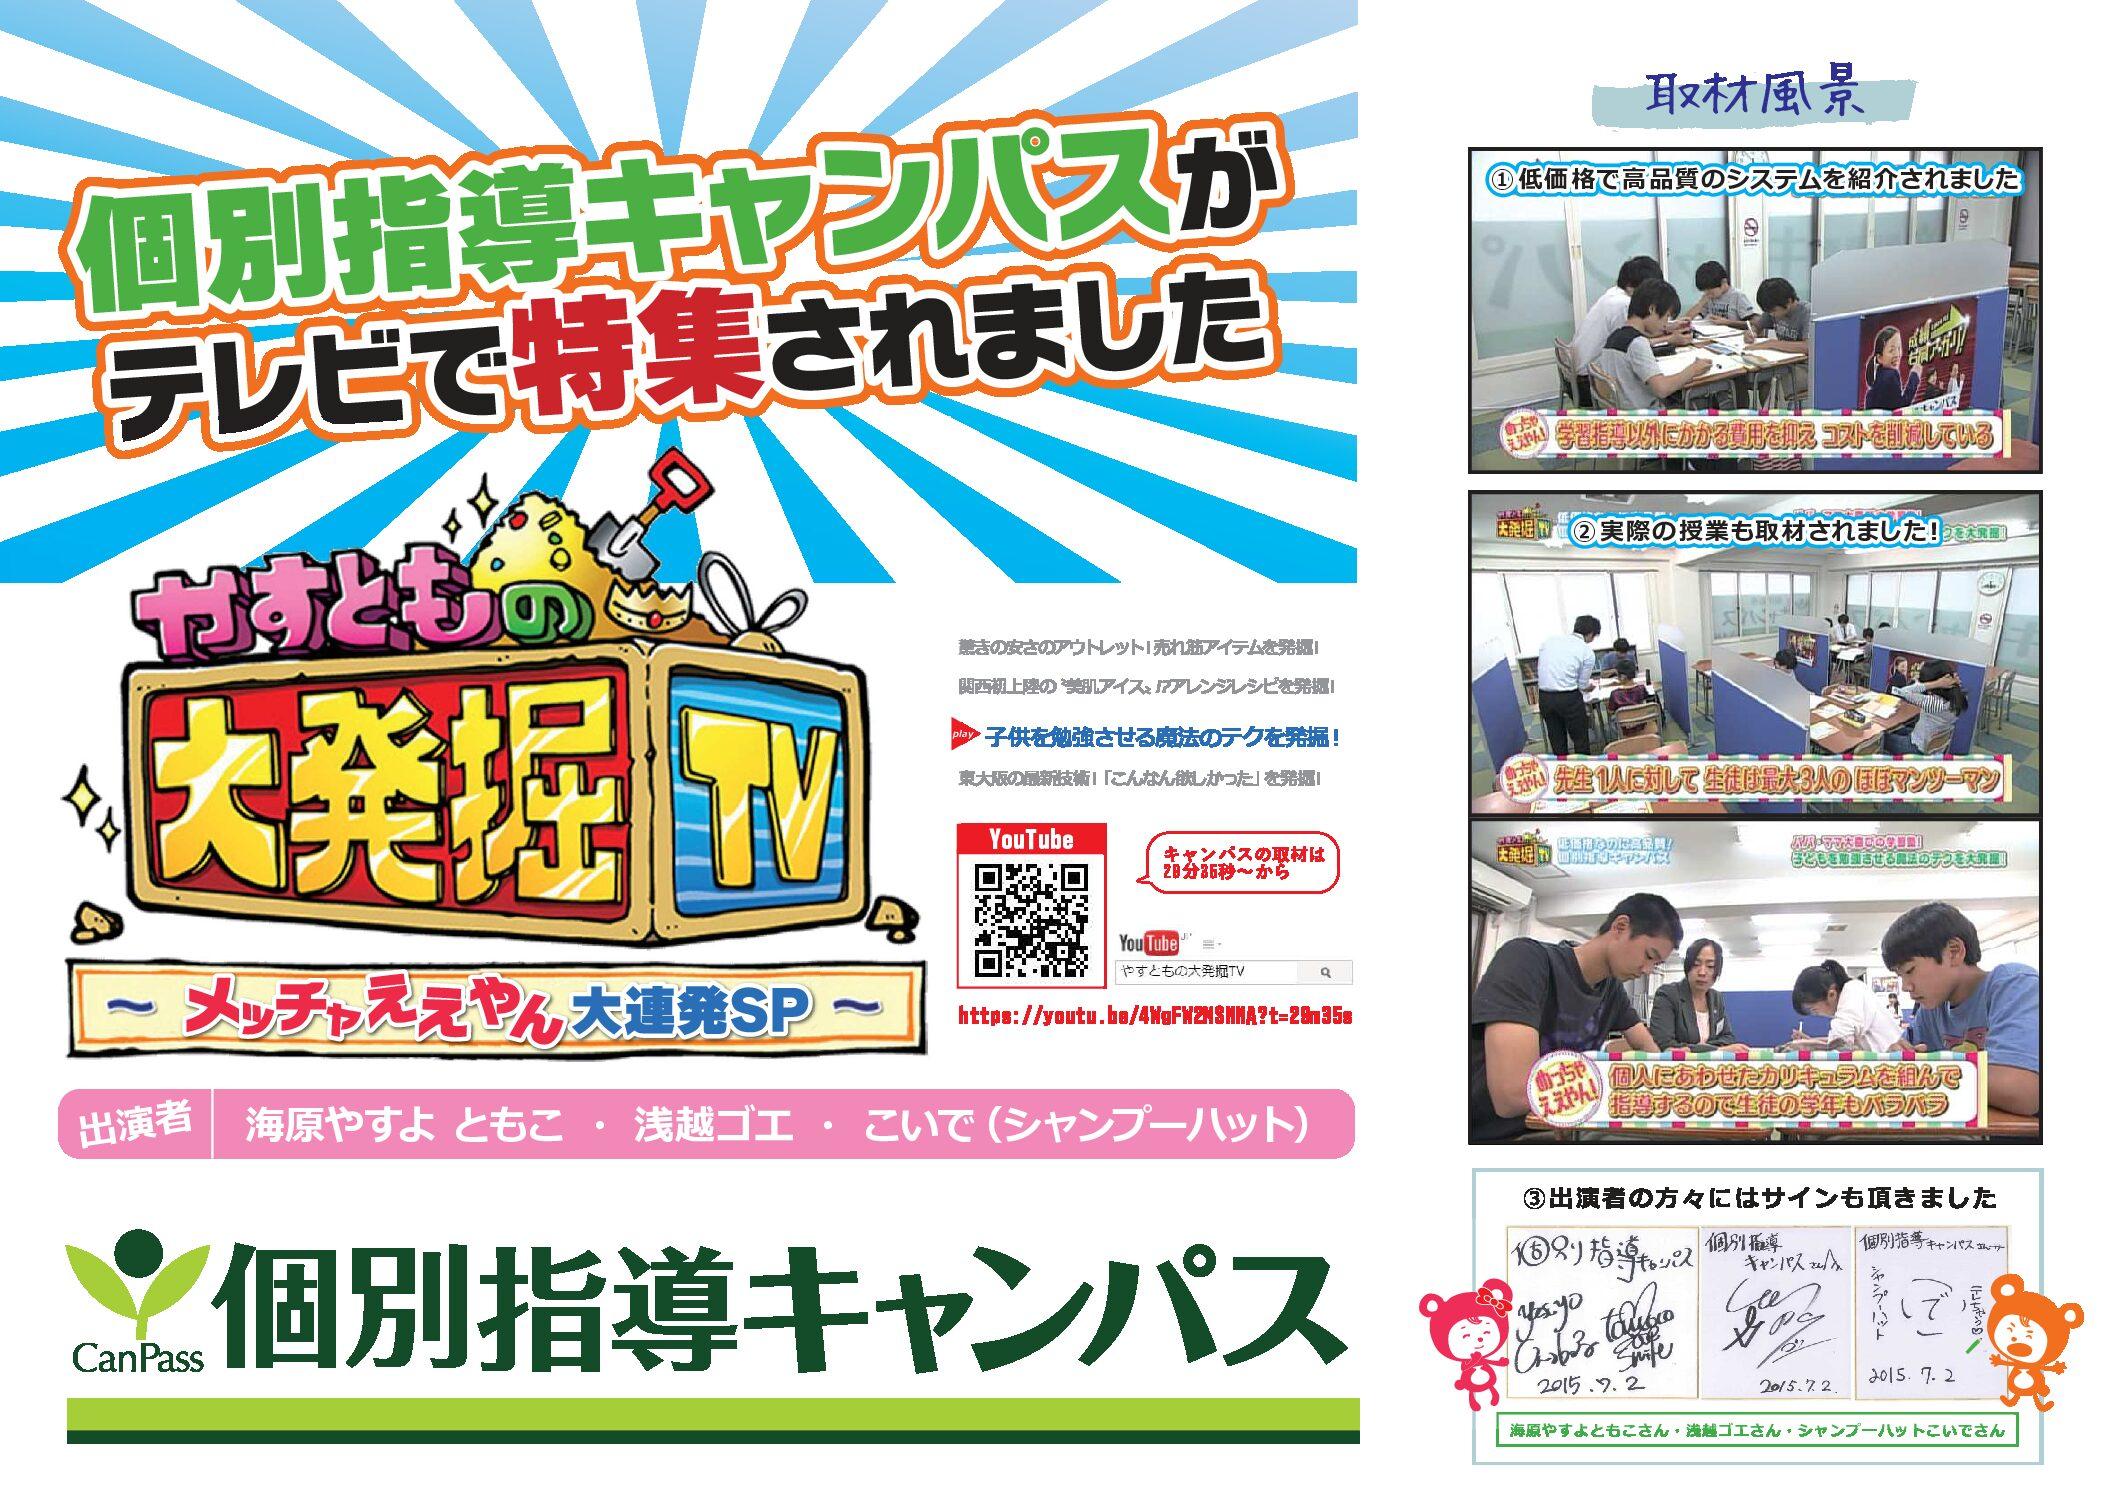 読売テレビ「大発掘TVめっちゃええやんSP」で特集されました。